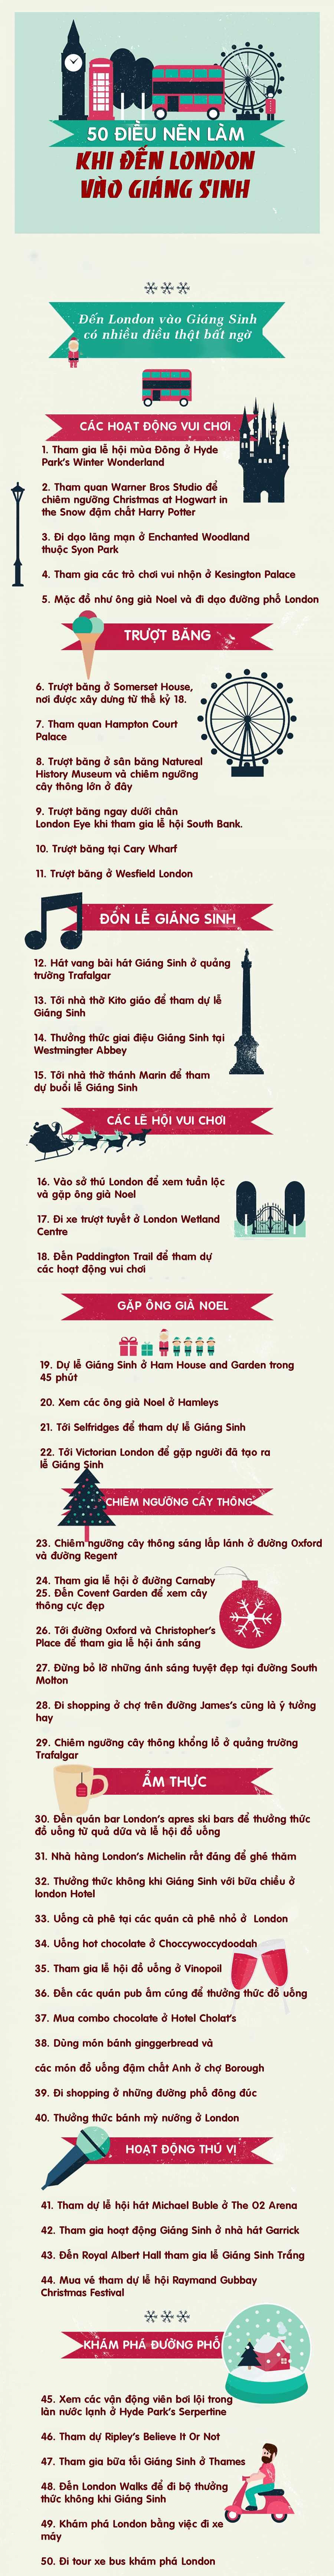 50 điều thú vị không nơi đâu có khi đến London vào Giáng Sinh - 1